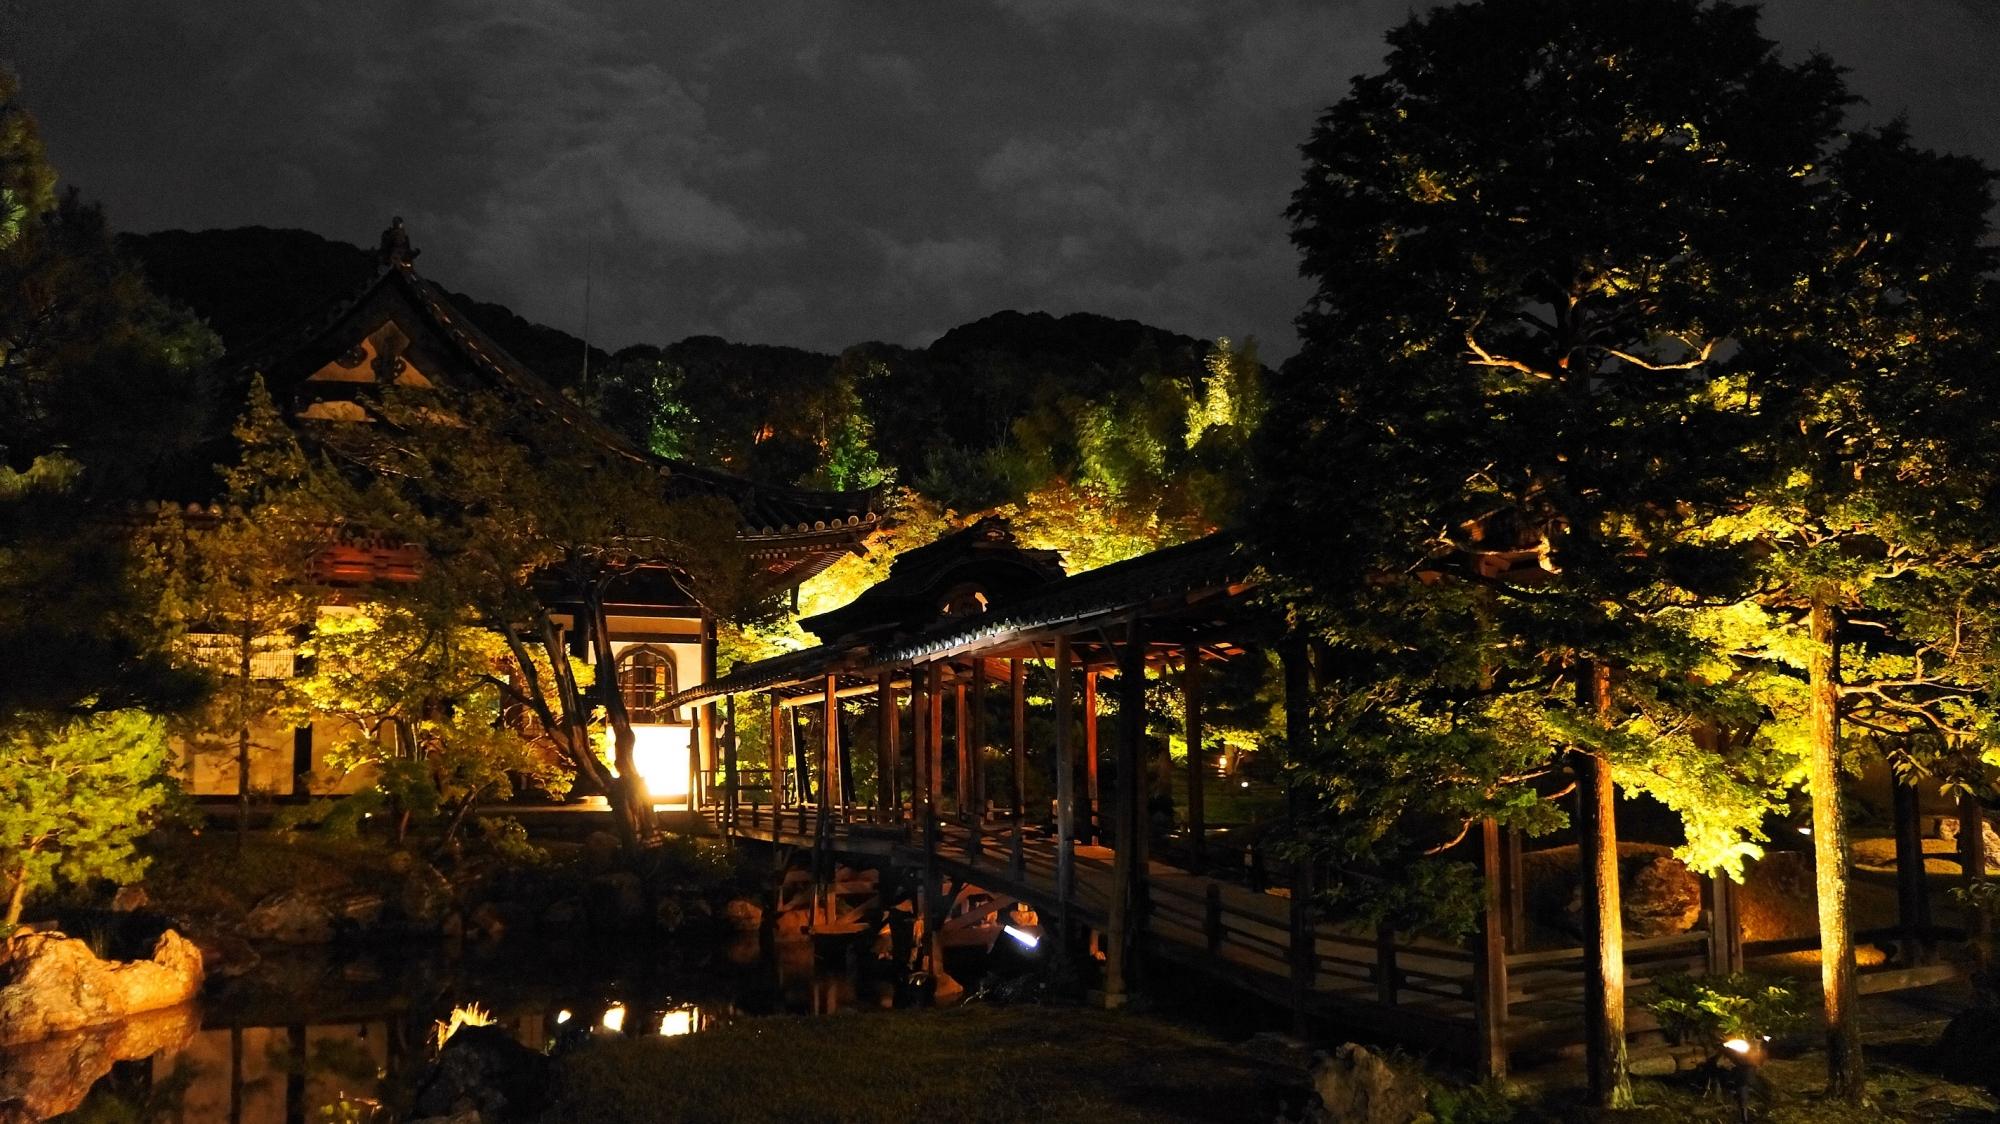 高台寺の観月台のライトアップ